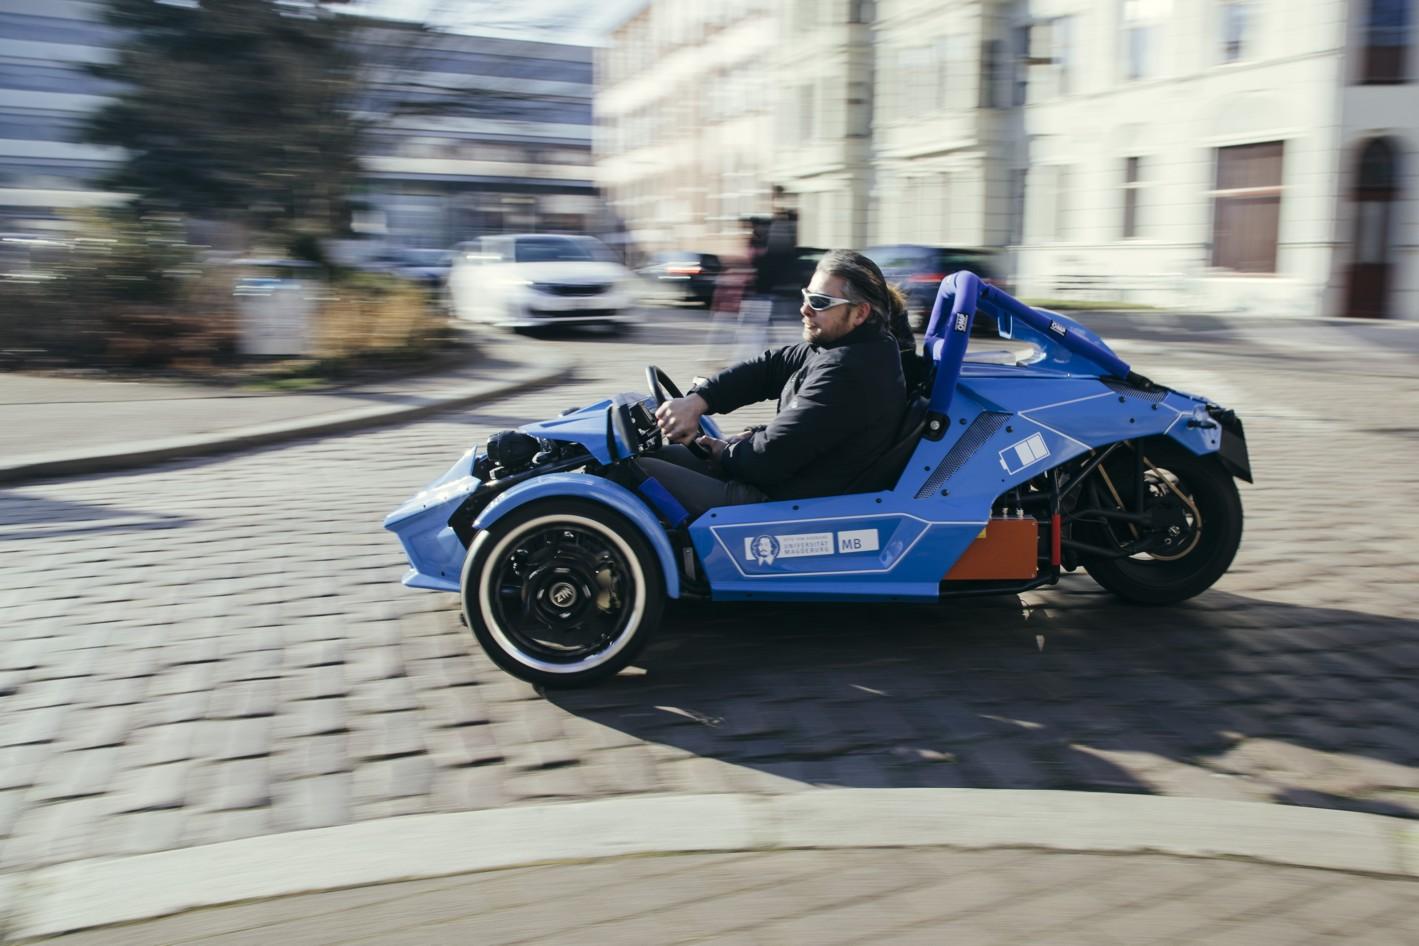 Beste Auto Mobiles Schaltbild Galerie - Verdrahtungsideen - korsmi.info